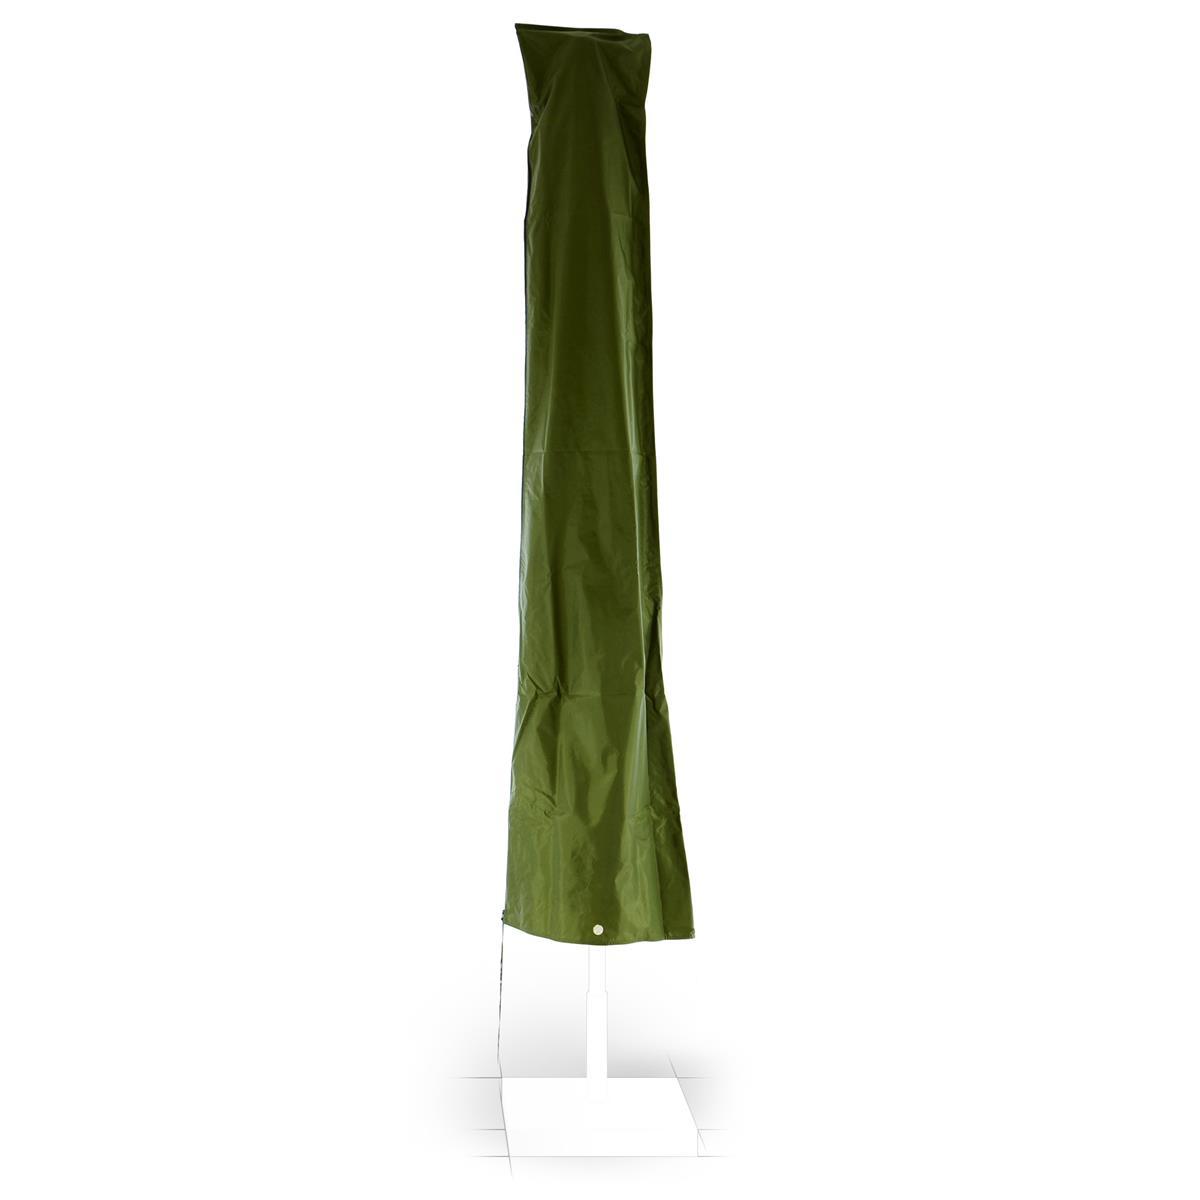 Schutzhülle Sonnenschirm Ø 4m Reißverschluss Grün Wetterschutz Polyester 2,30m